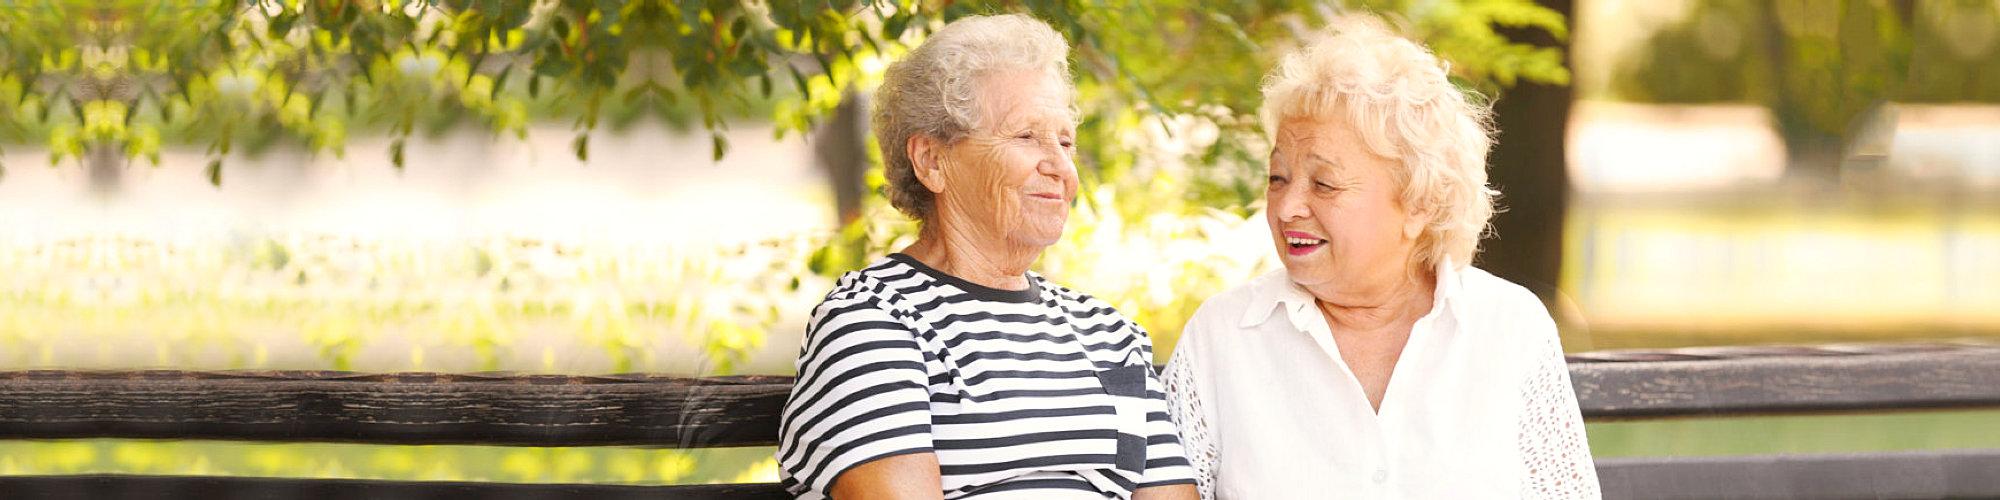 Senior women resting on bench in park